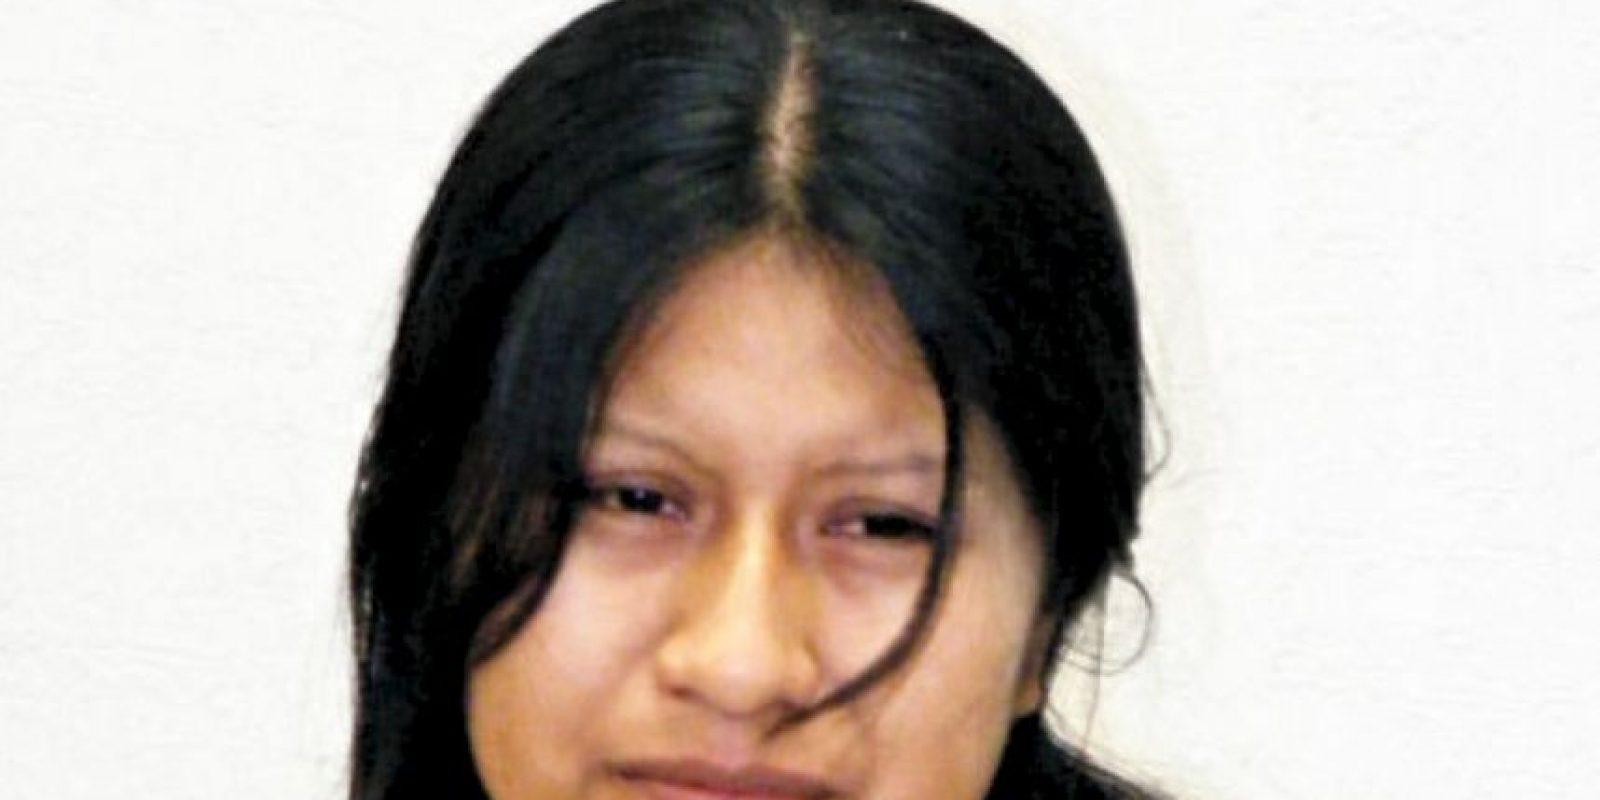 Fernanda Martínez Henríquez: Mexicana, asesinó a su hijo de siete años a golpes. Los vecinos siempre escuchaban a esta madre maltratar a su hijo. Lo mató azotándolo repetidas veces contra la pared. Foto: Vanguardia.